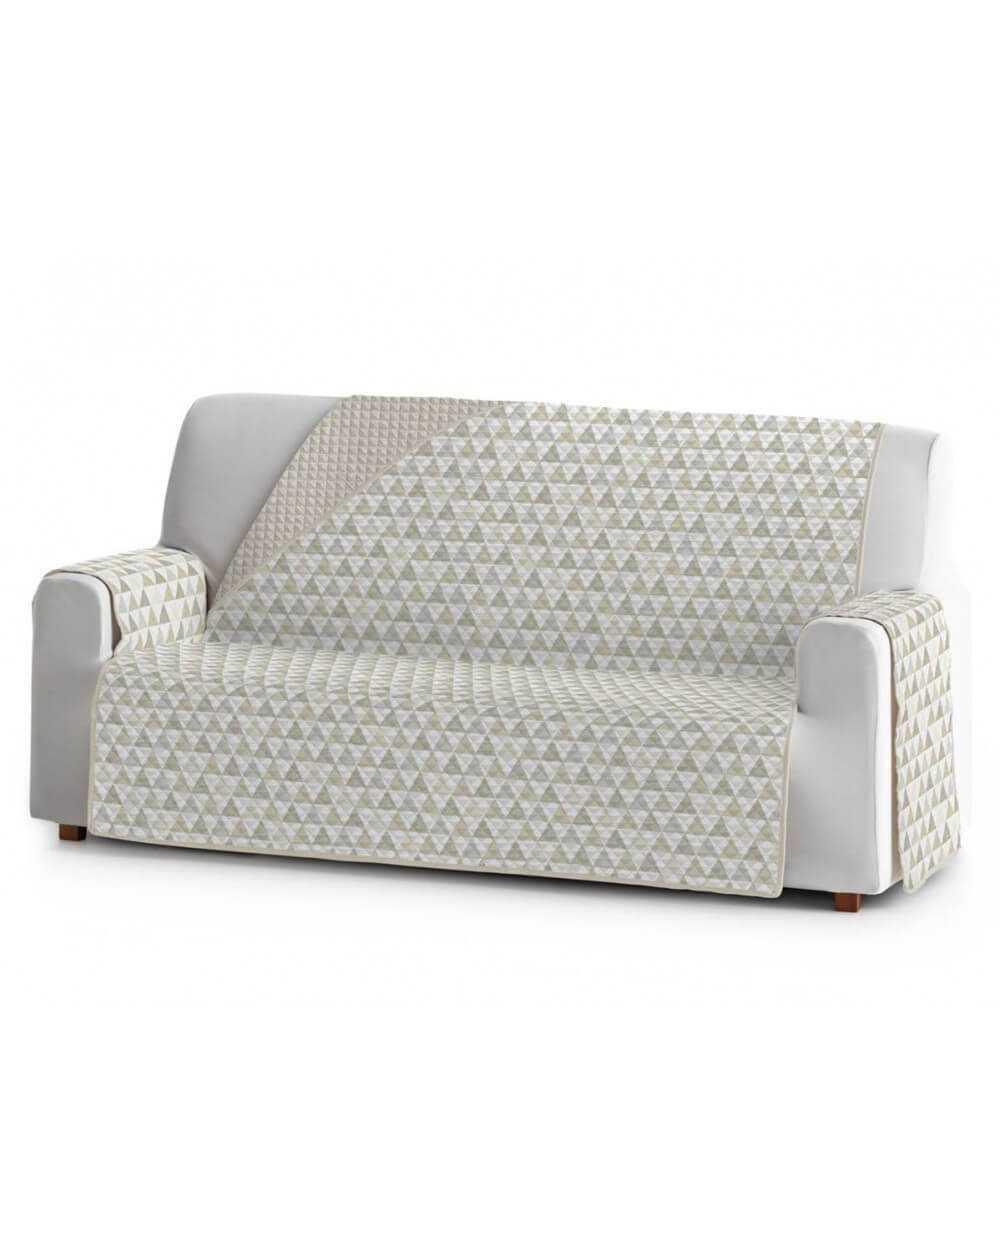 Funda sofá Práctica NORDIC de Eysa